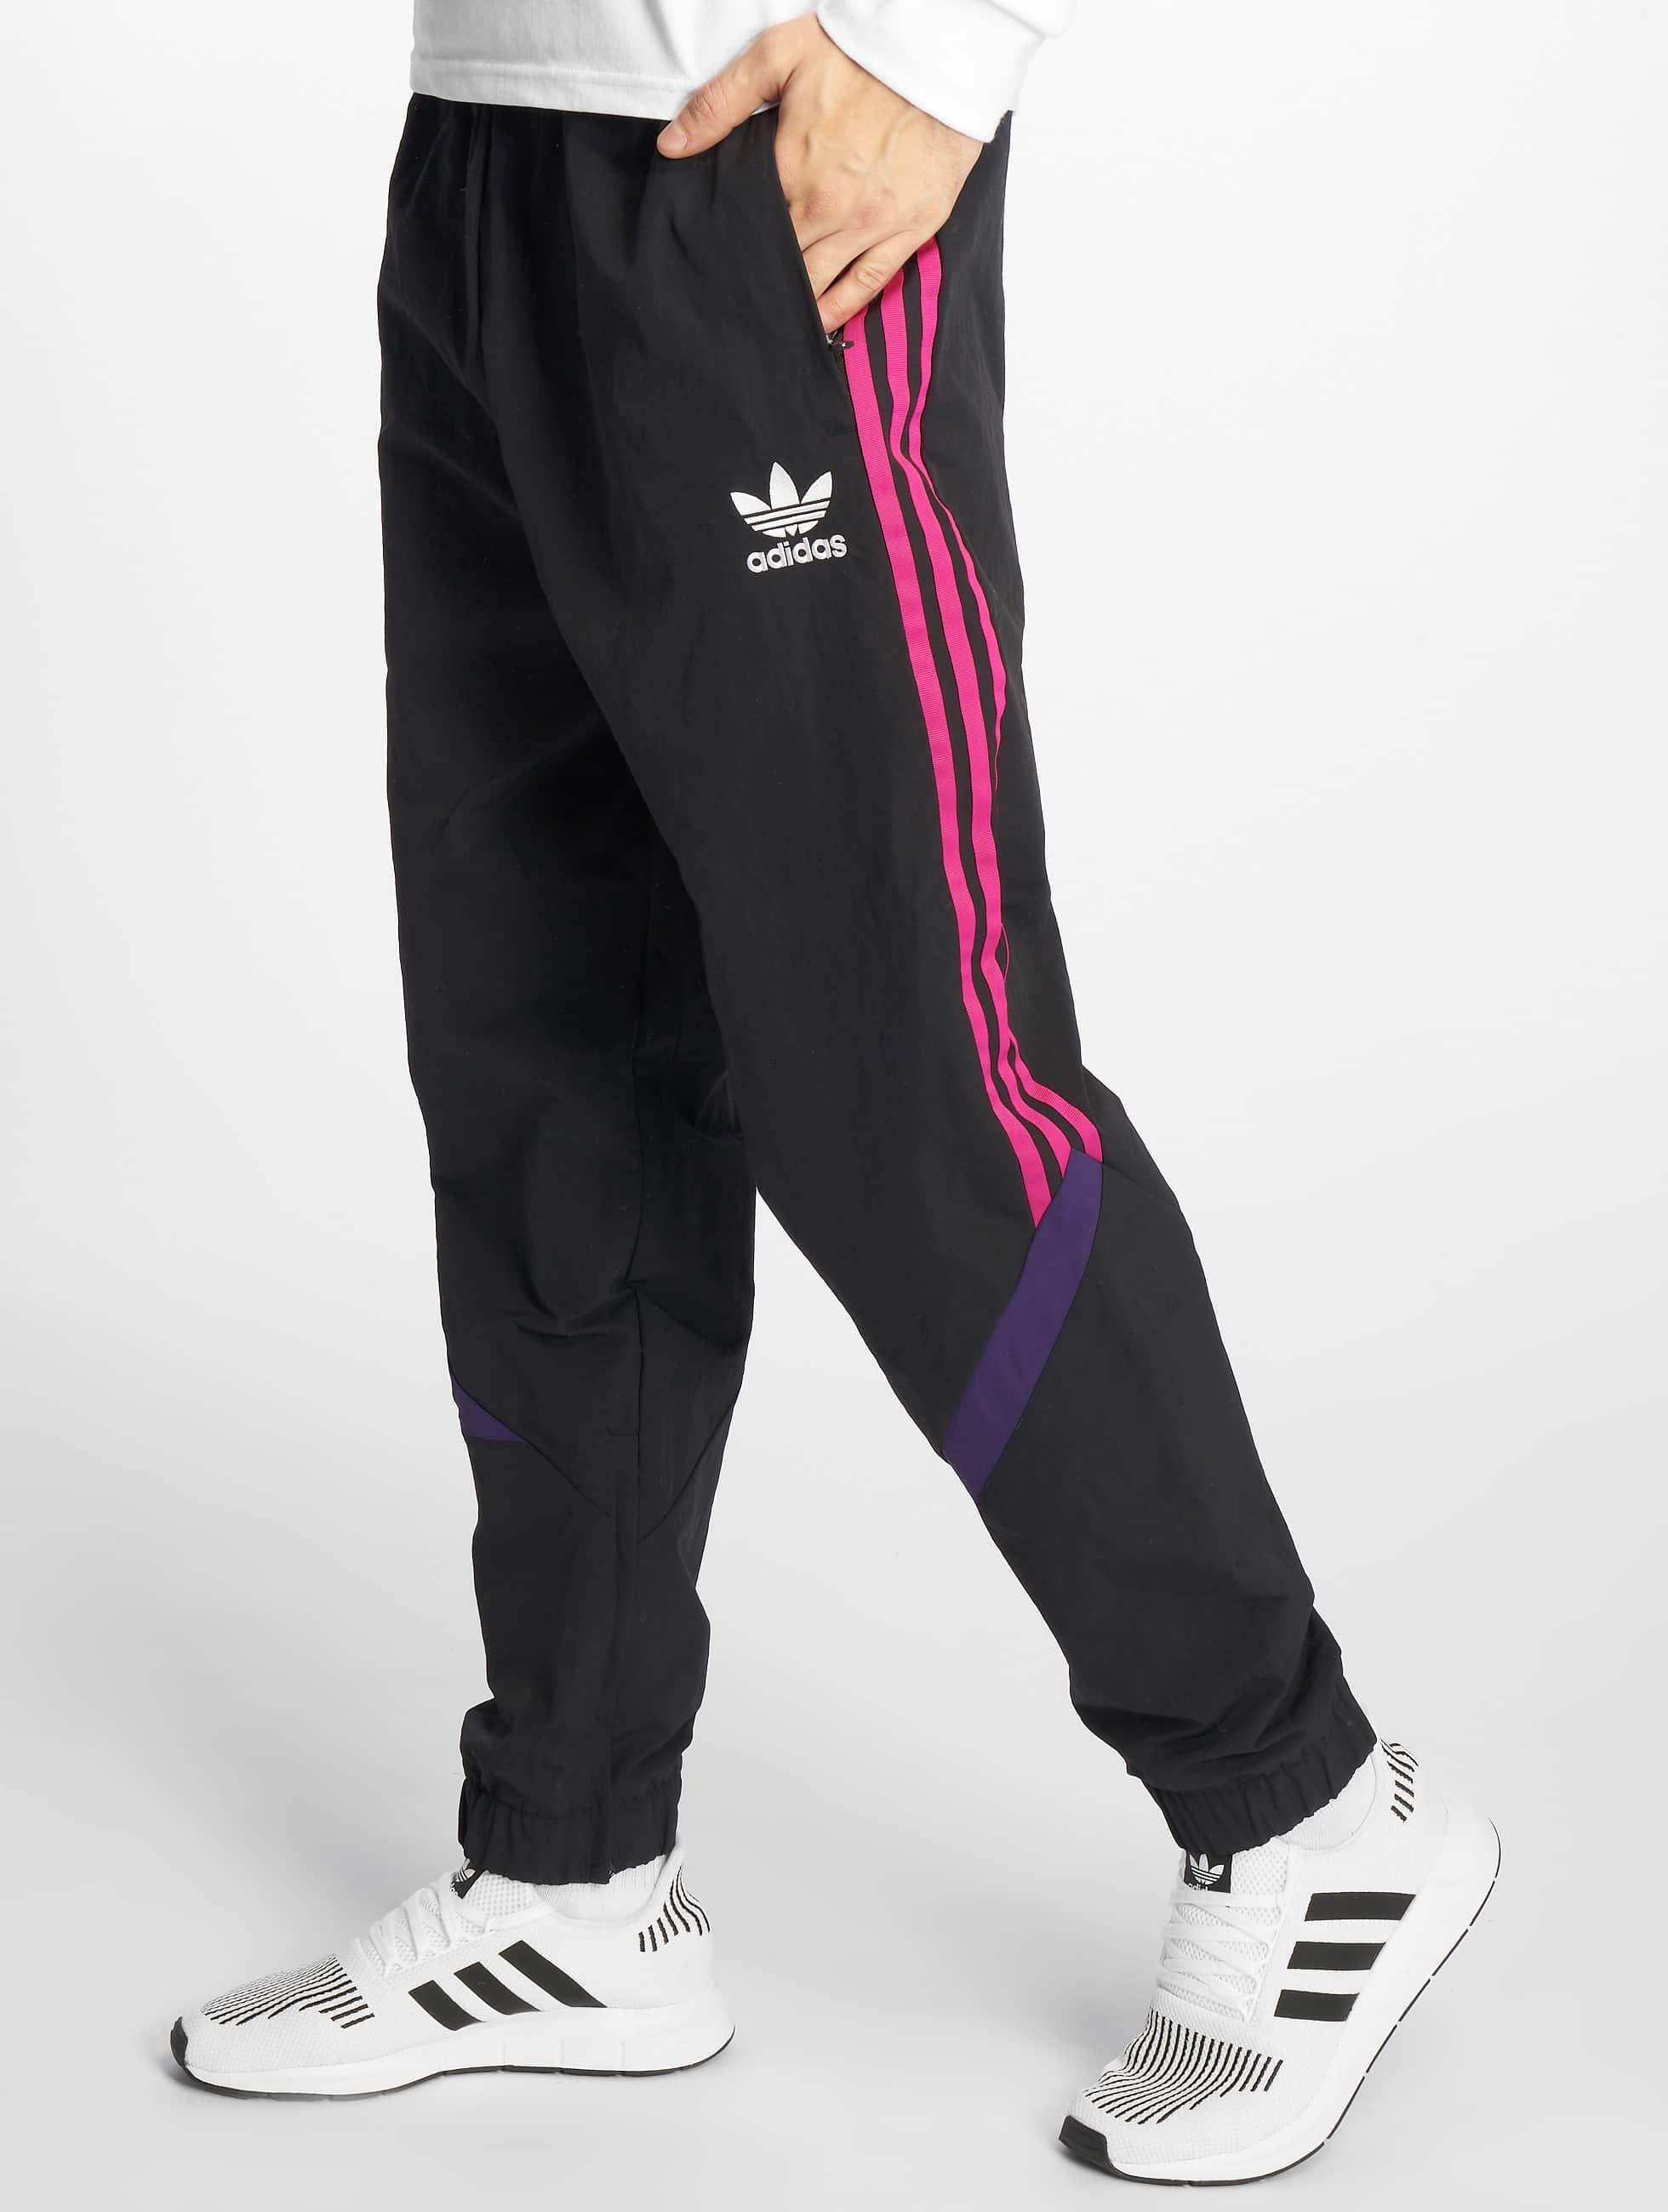 3cd85a2891d adidas originals broek / joggingbroek Sportive in zwart 597941